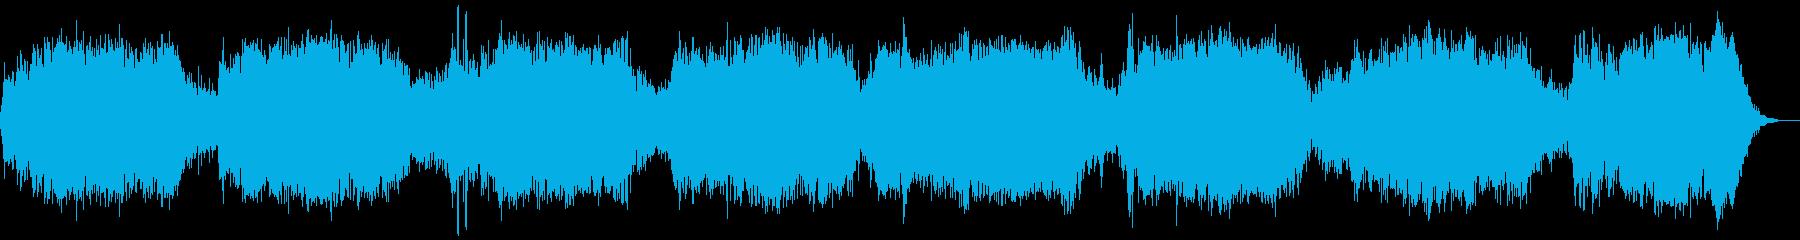 ホラー風BGM 14の再生済みの波形